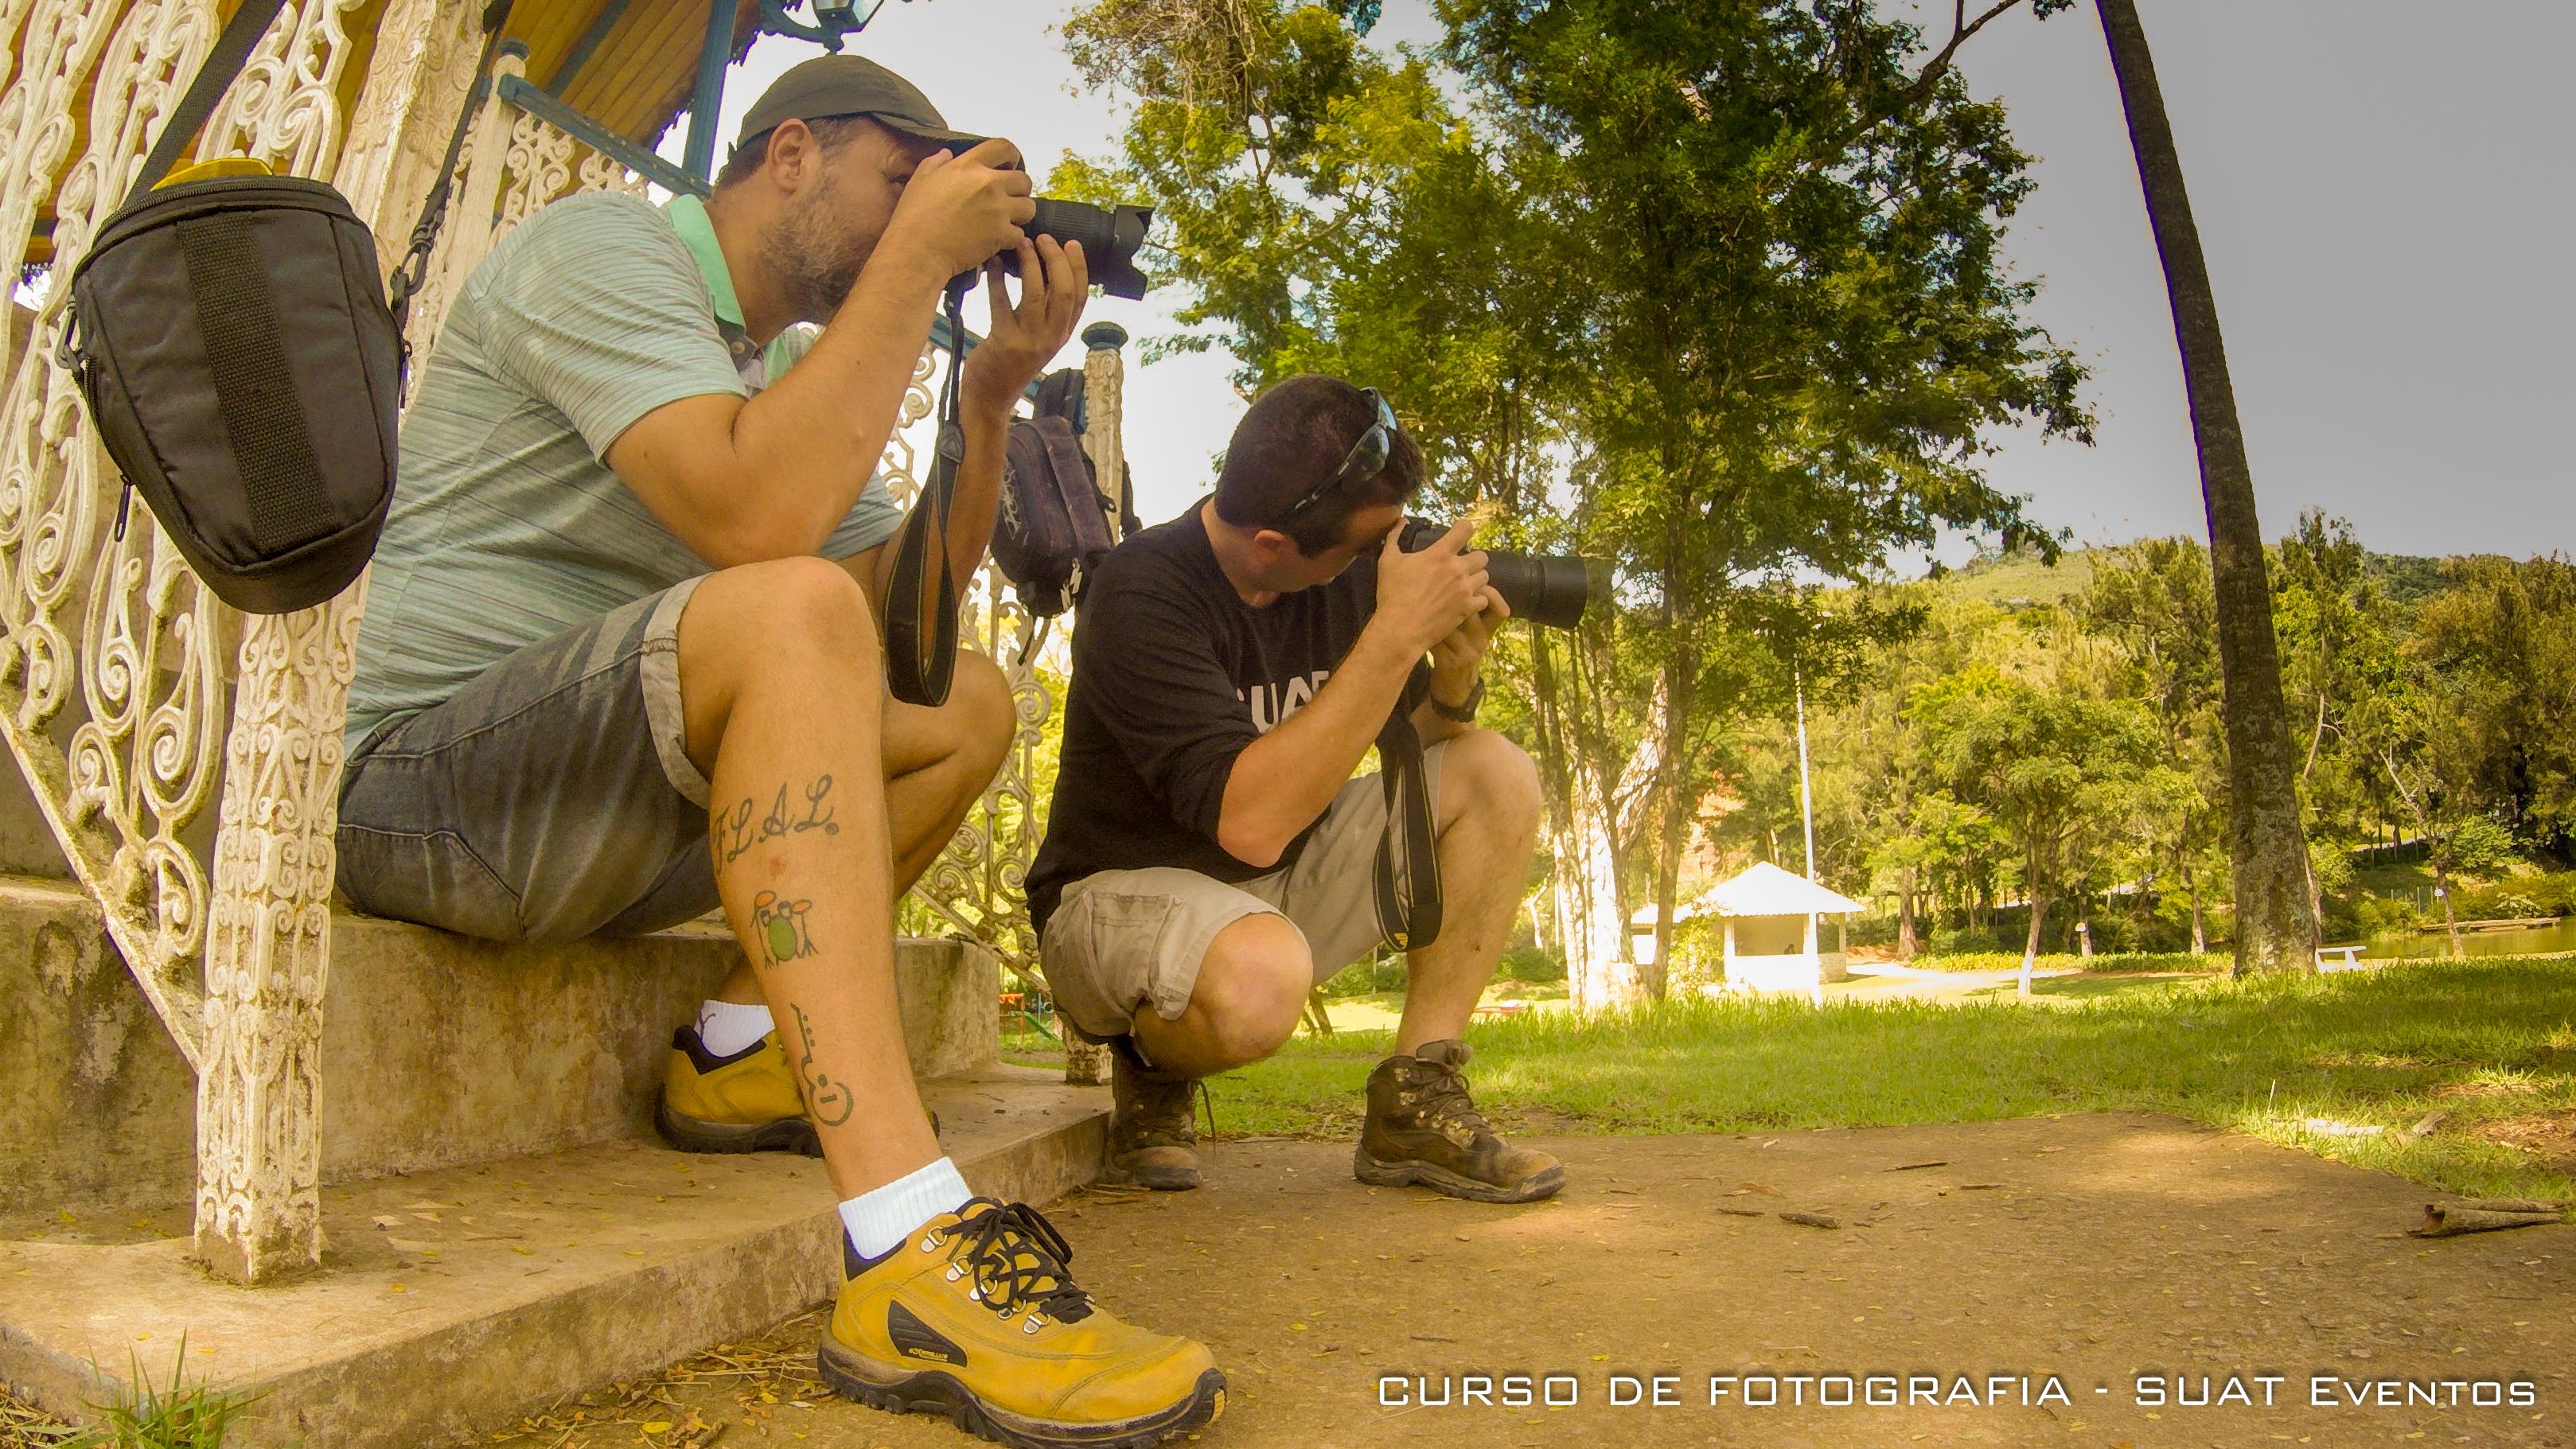 CURSO DE FOTO - Aula foto externa